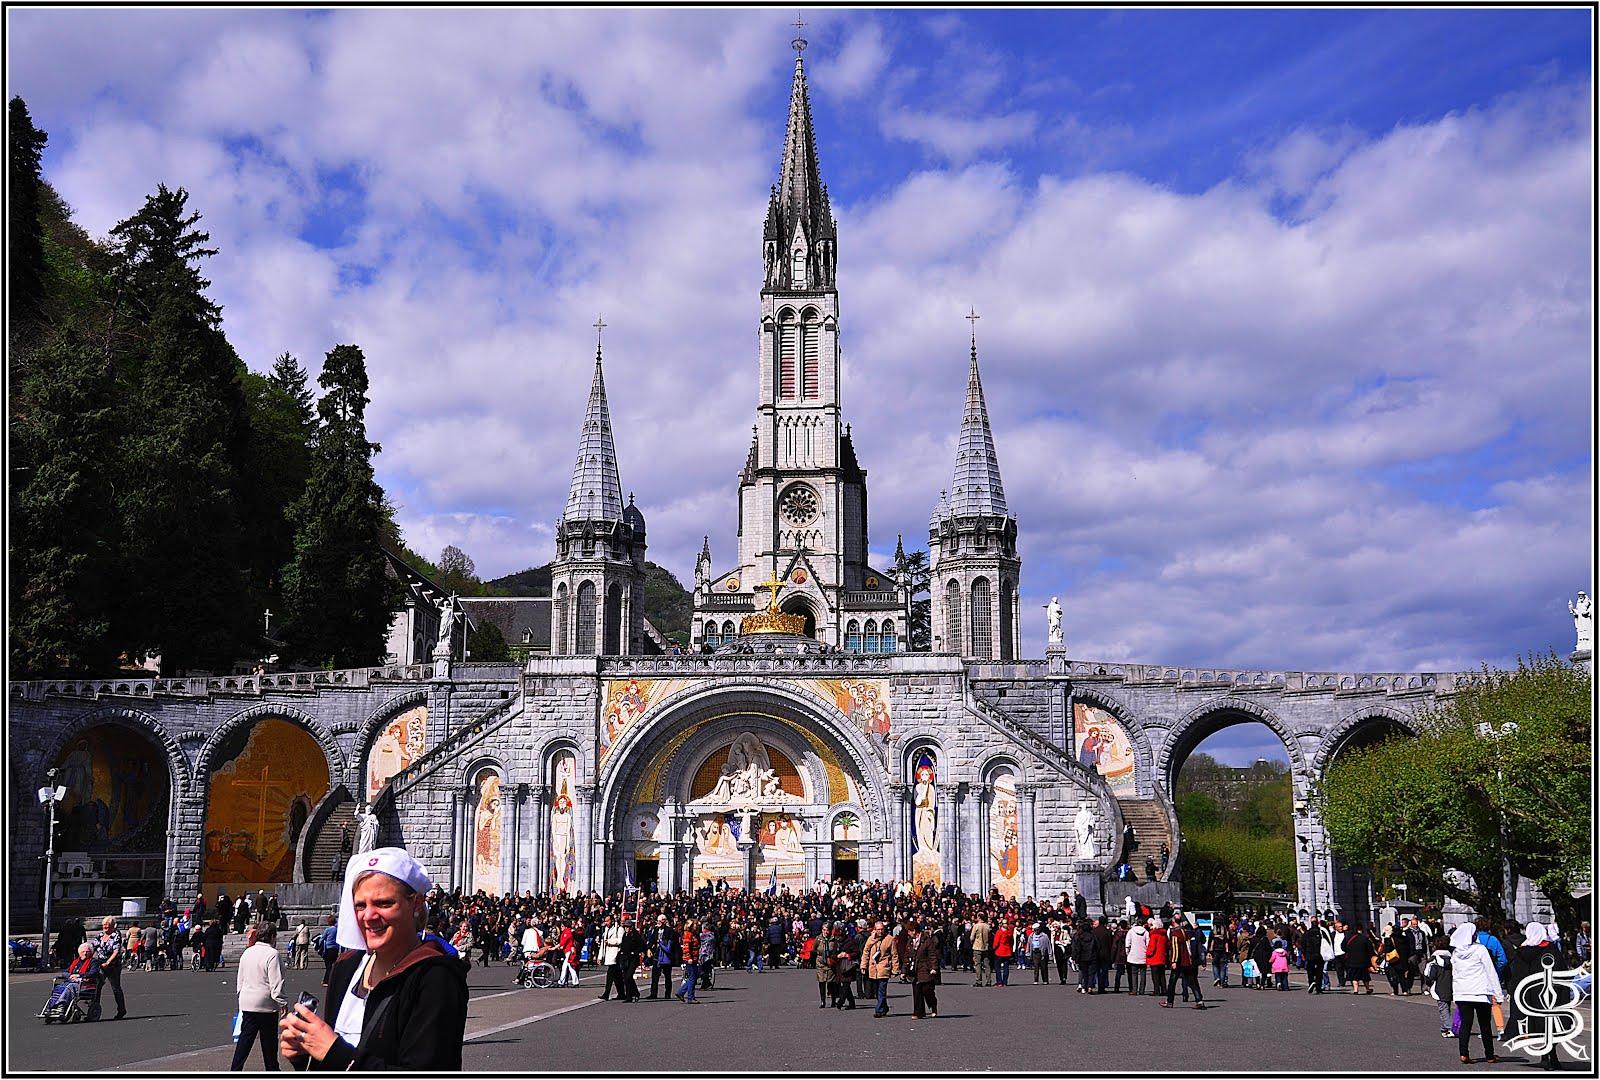 La Historia más Completa de Nuestra Señora de Lourdes, Francia (11 de febrero)